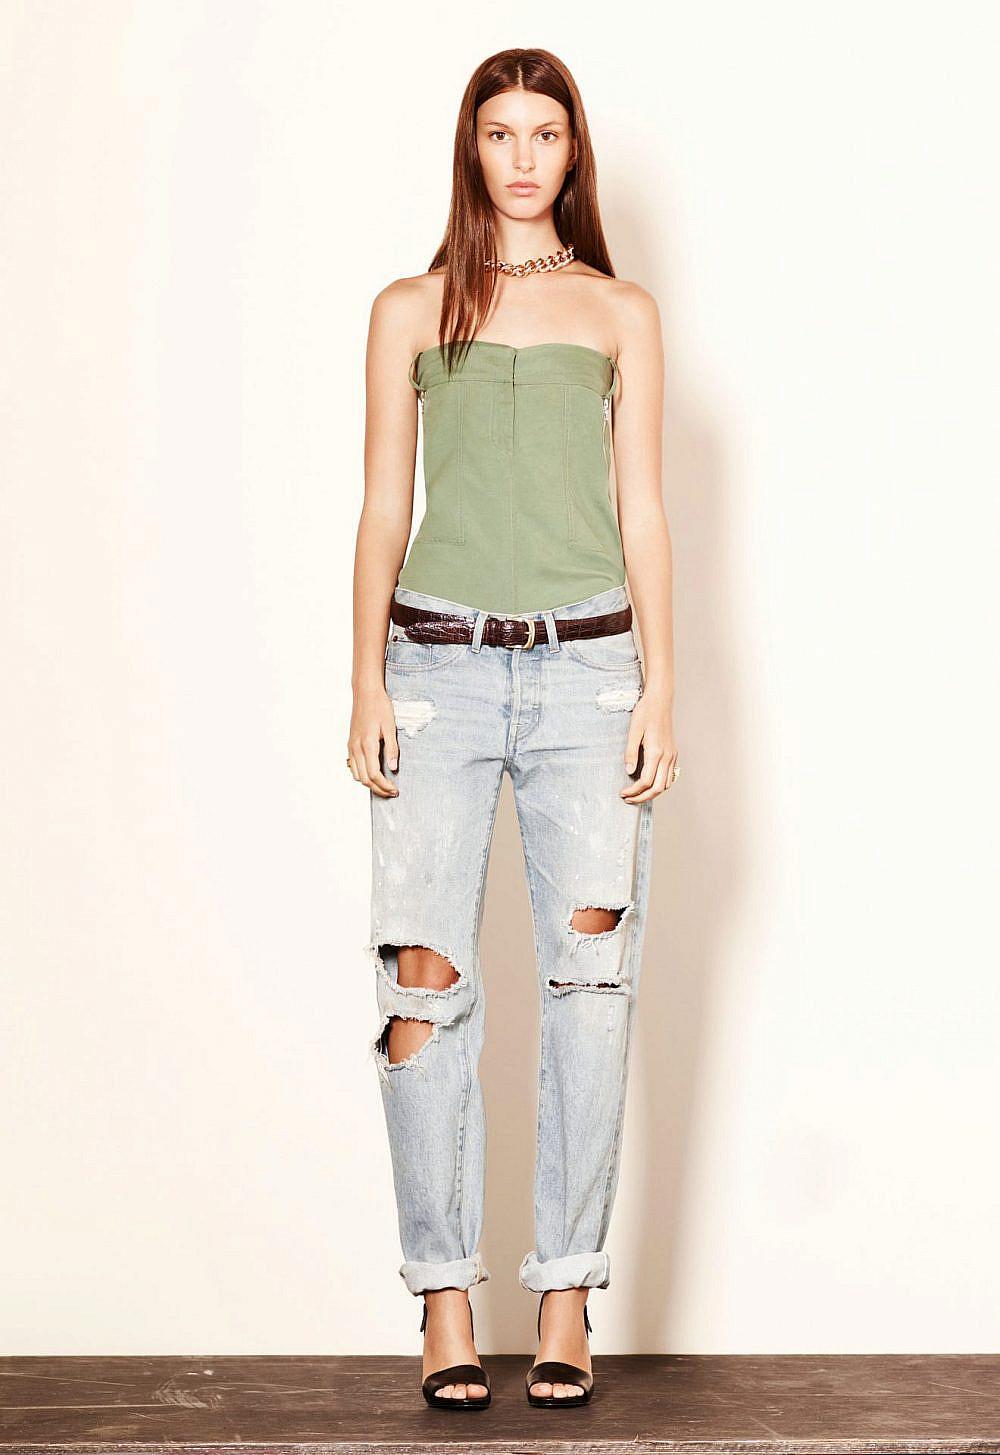 יש גרועים ממנו בהרבה. ג'ינס קרעים | צילום elizabeth and james via gettyimages